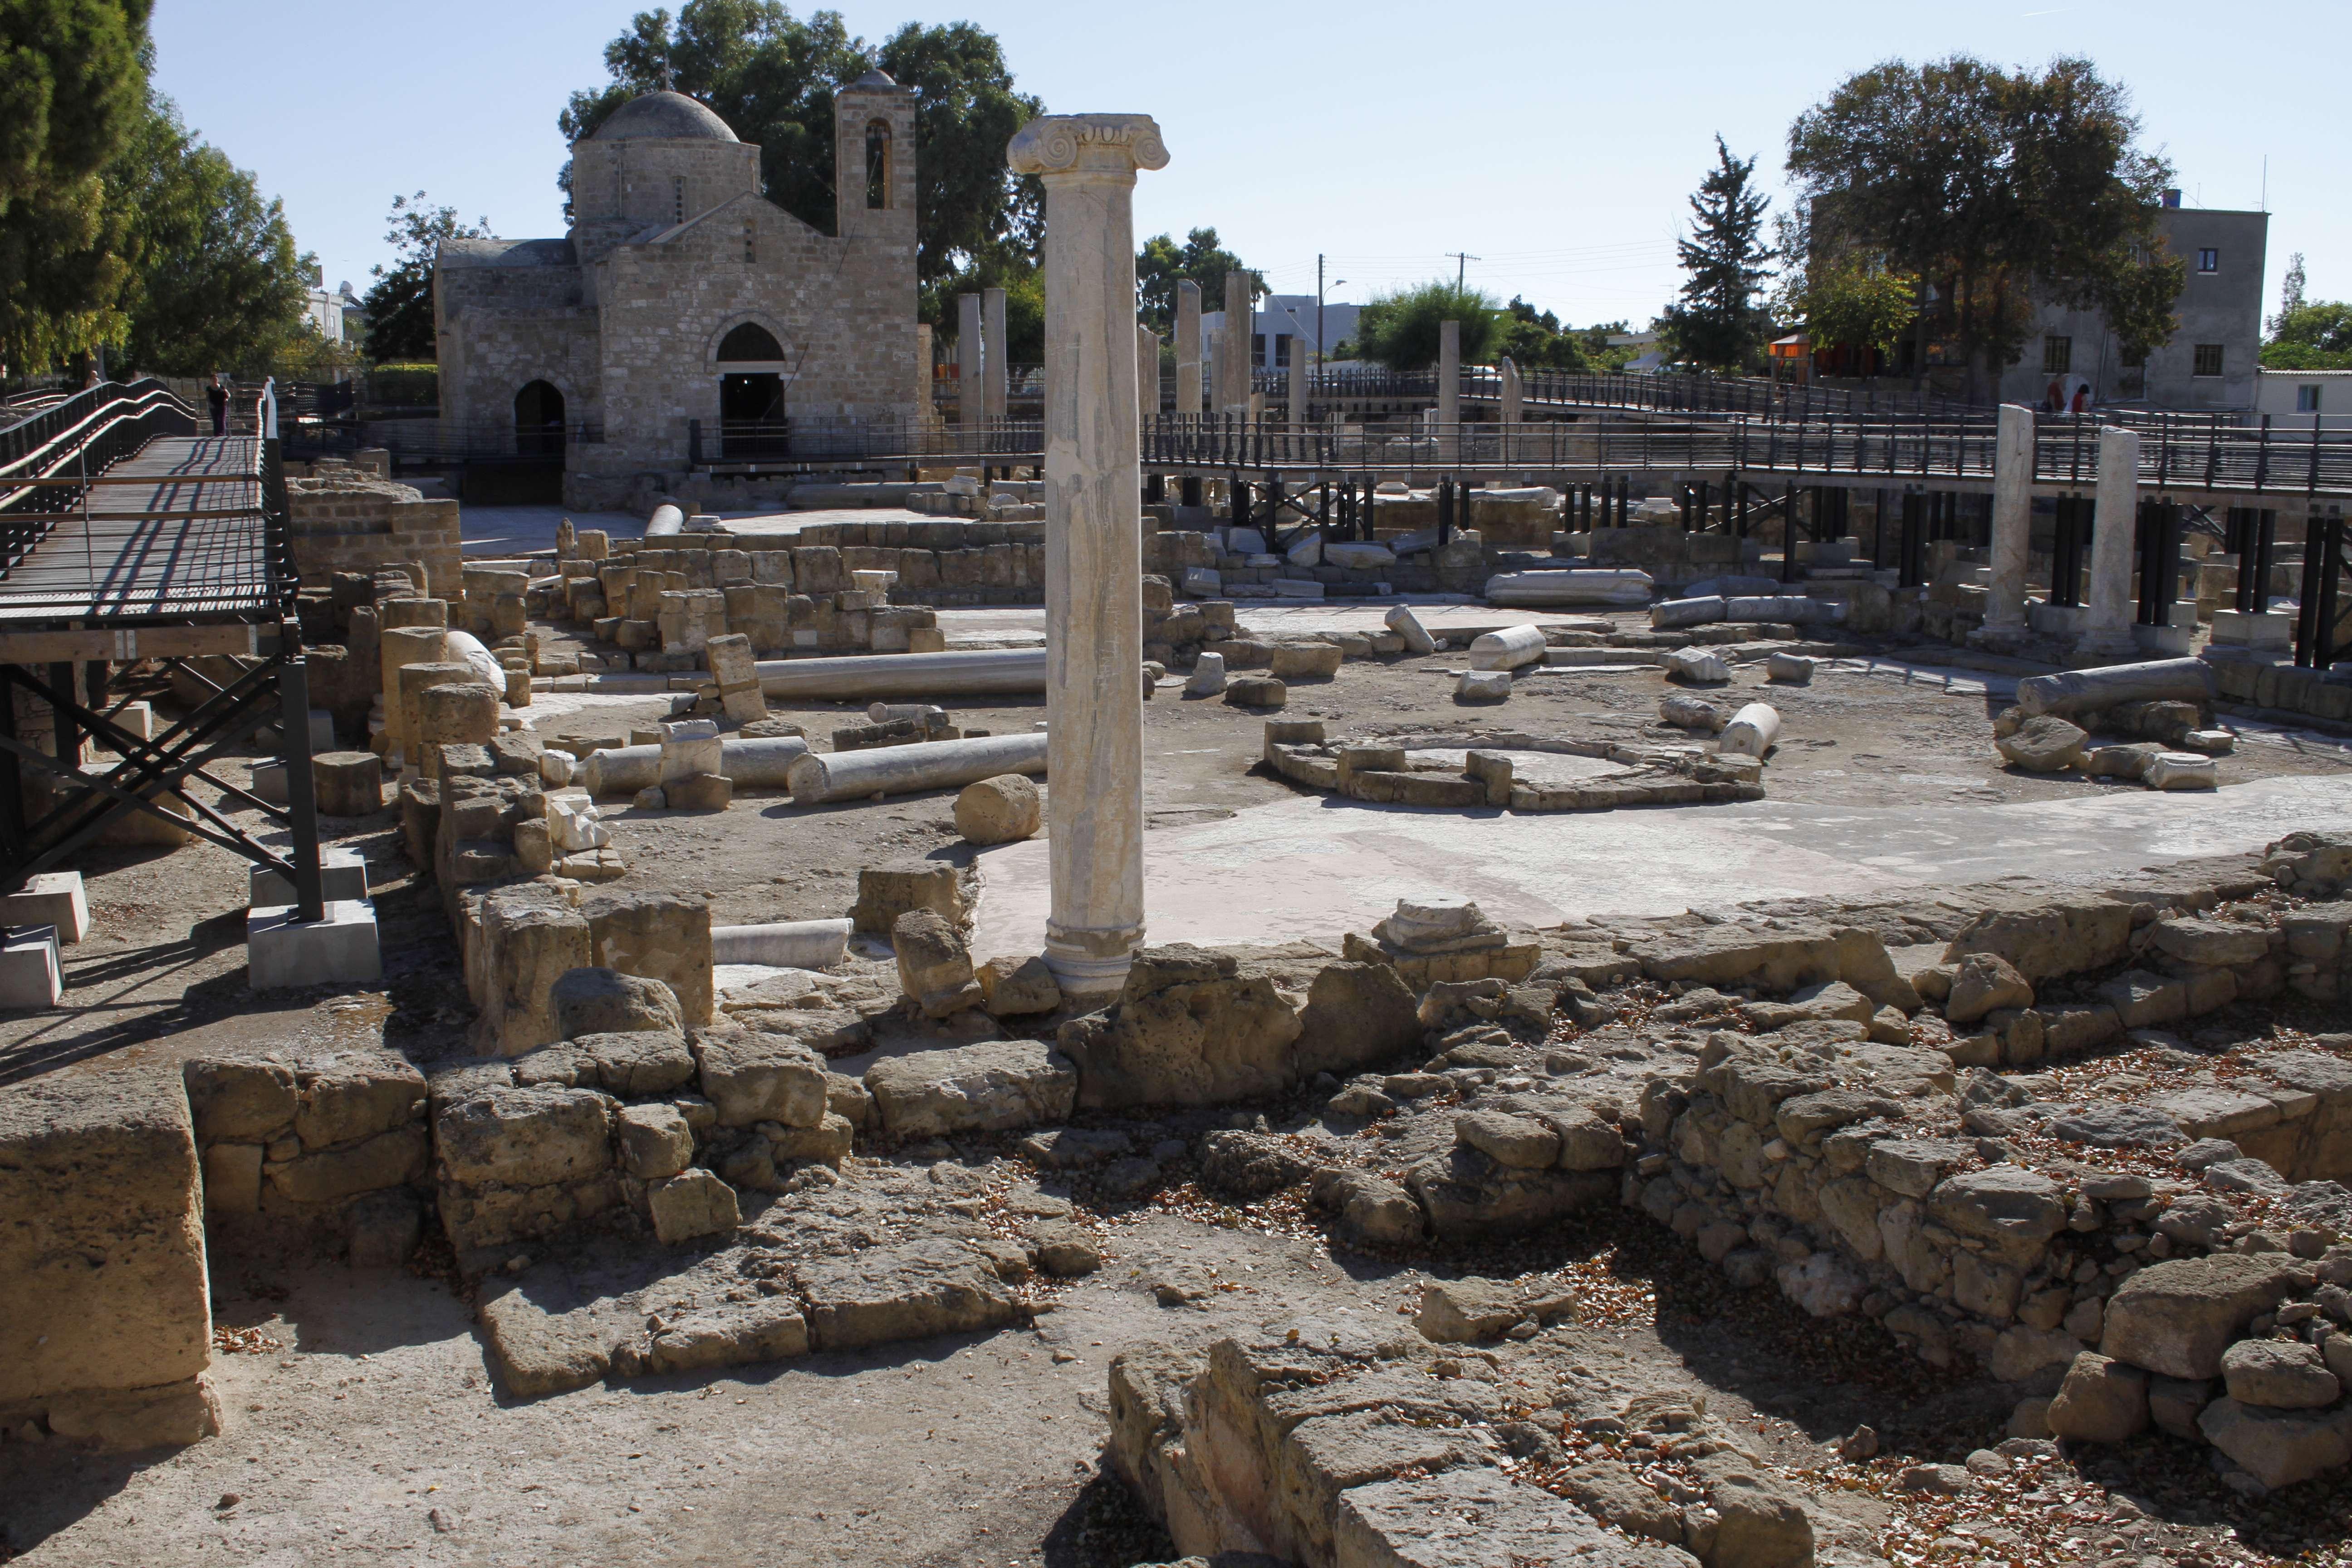 Chypre_0174 Paphos basilique Agia Kyriaki et eglise Panagia Chrysopolitisa